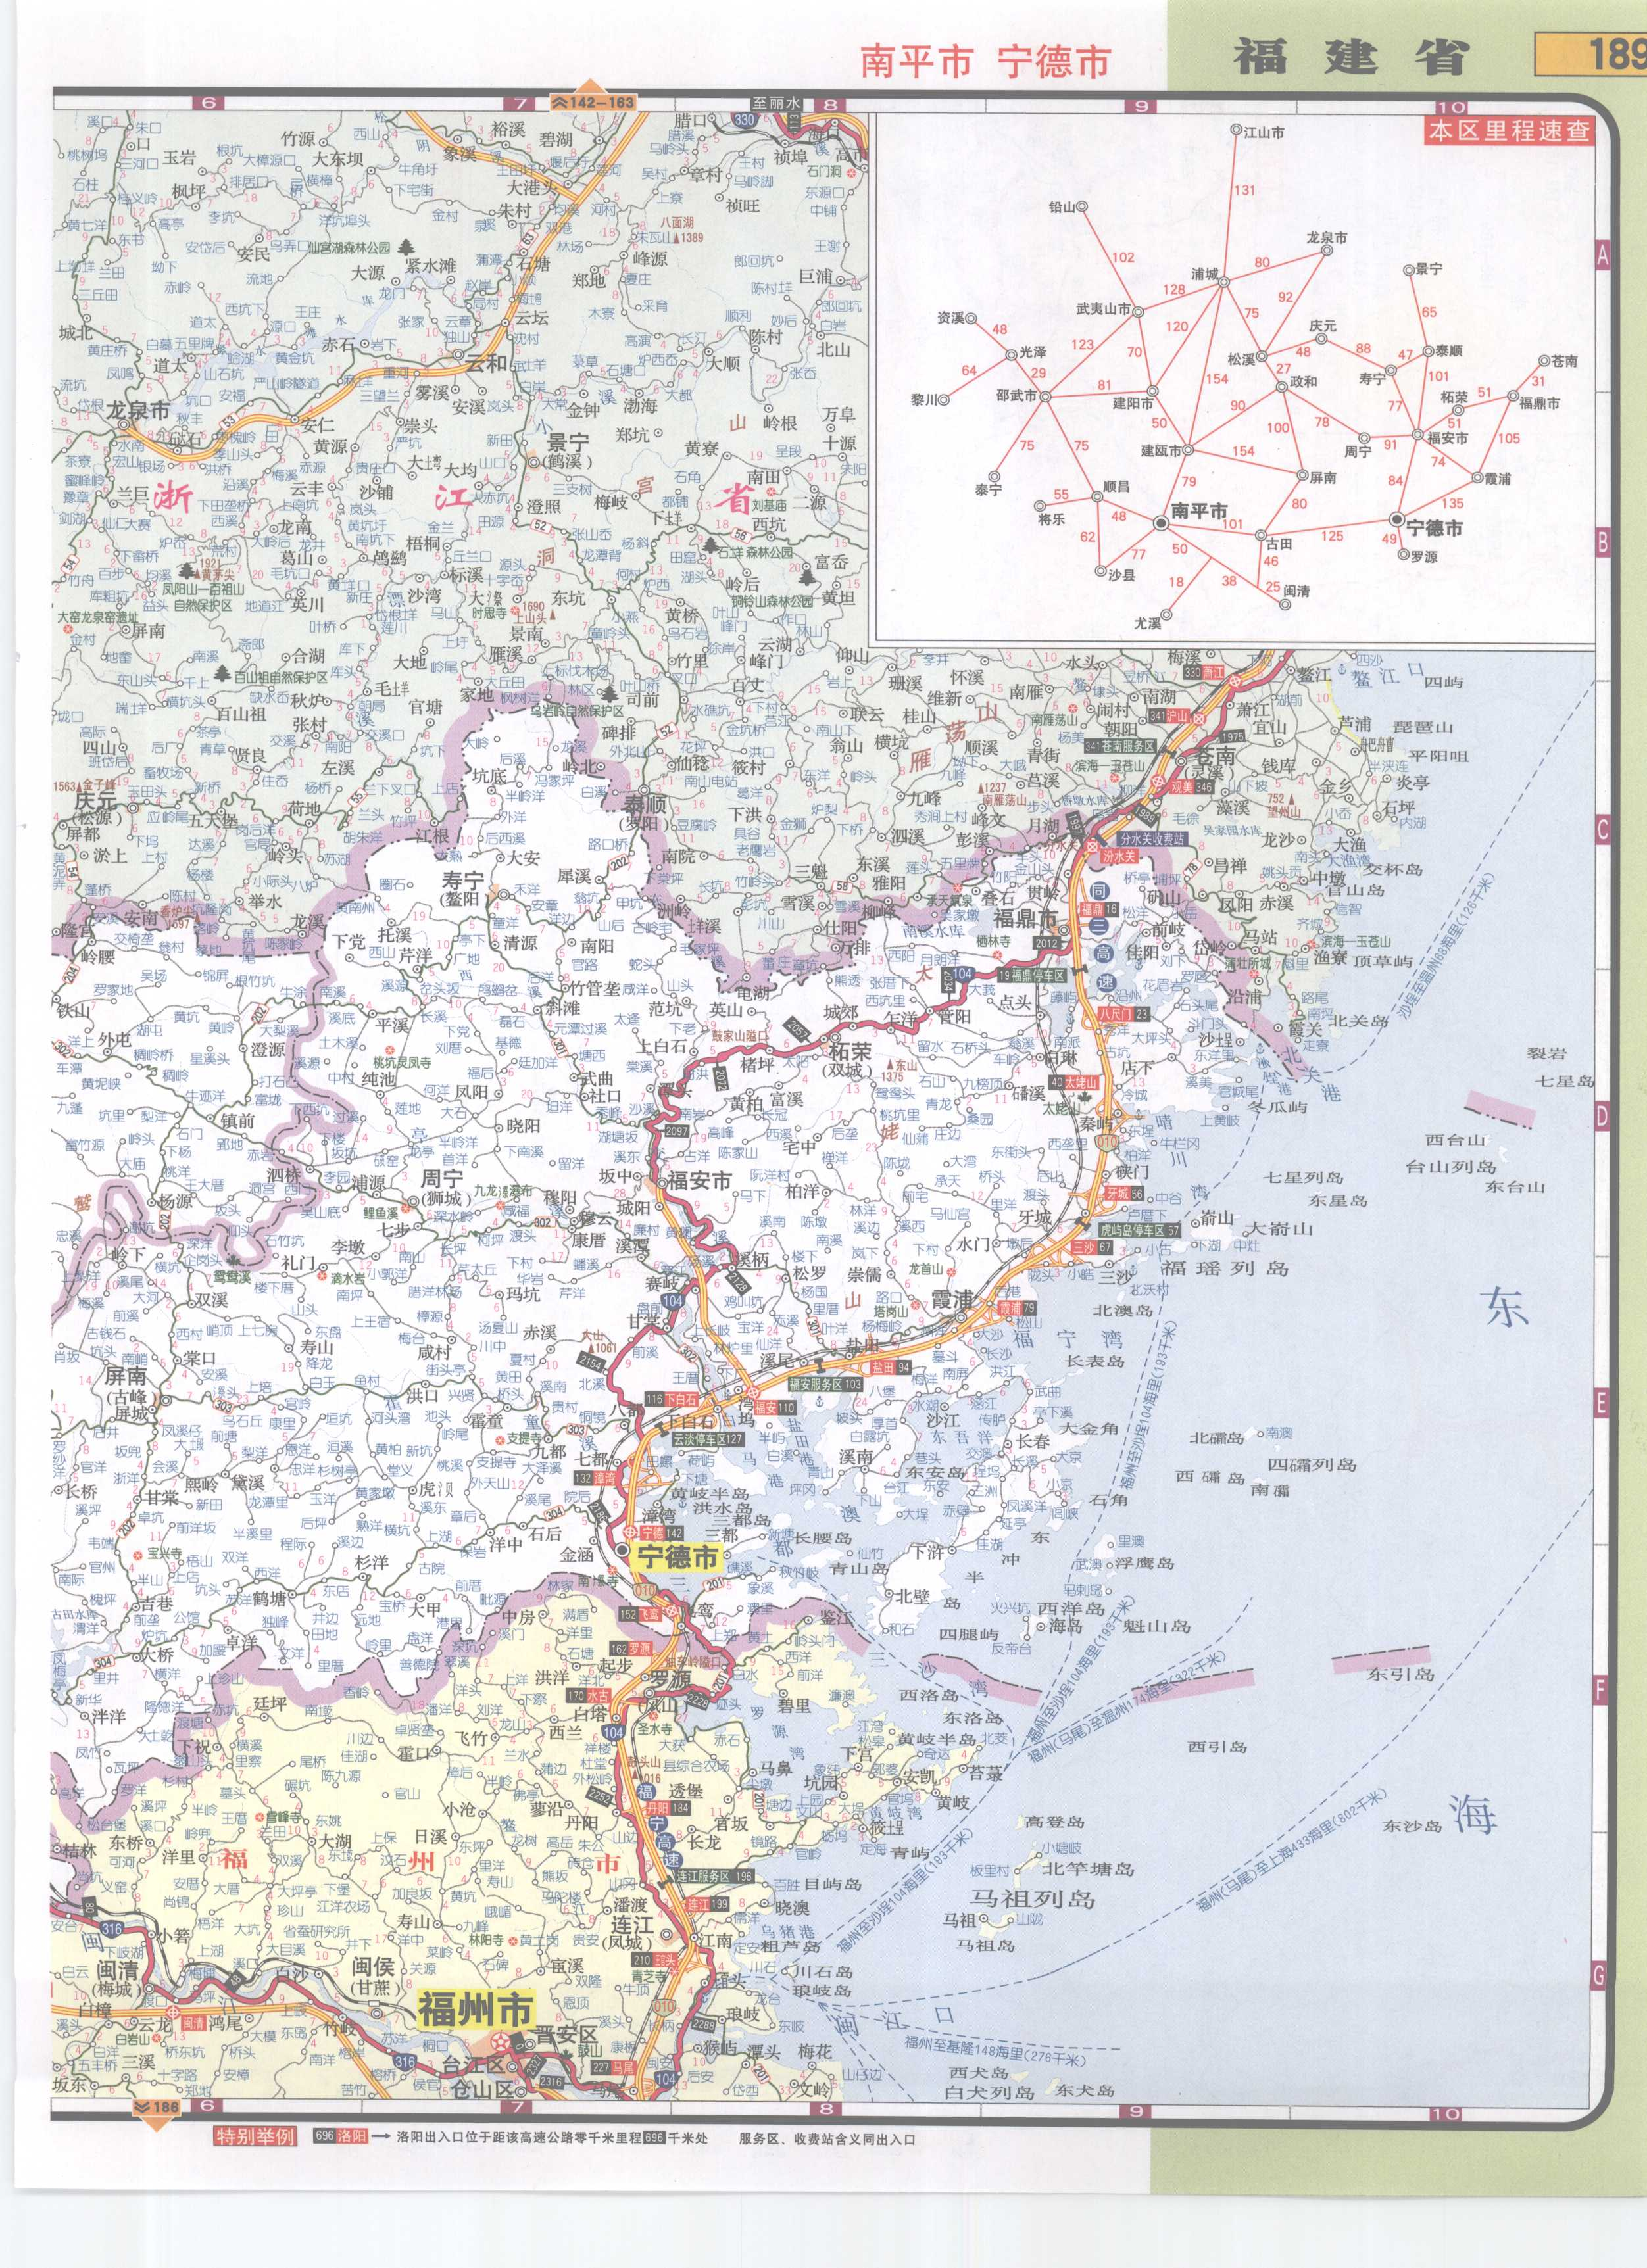 福建省南平市宁德市高速公路网地图